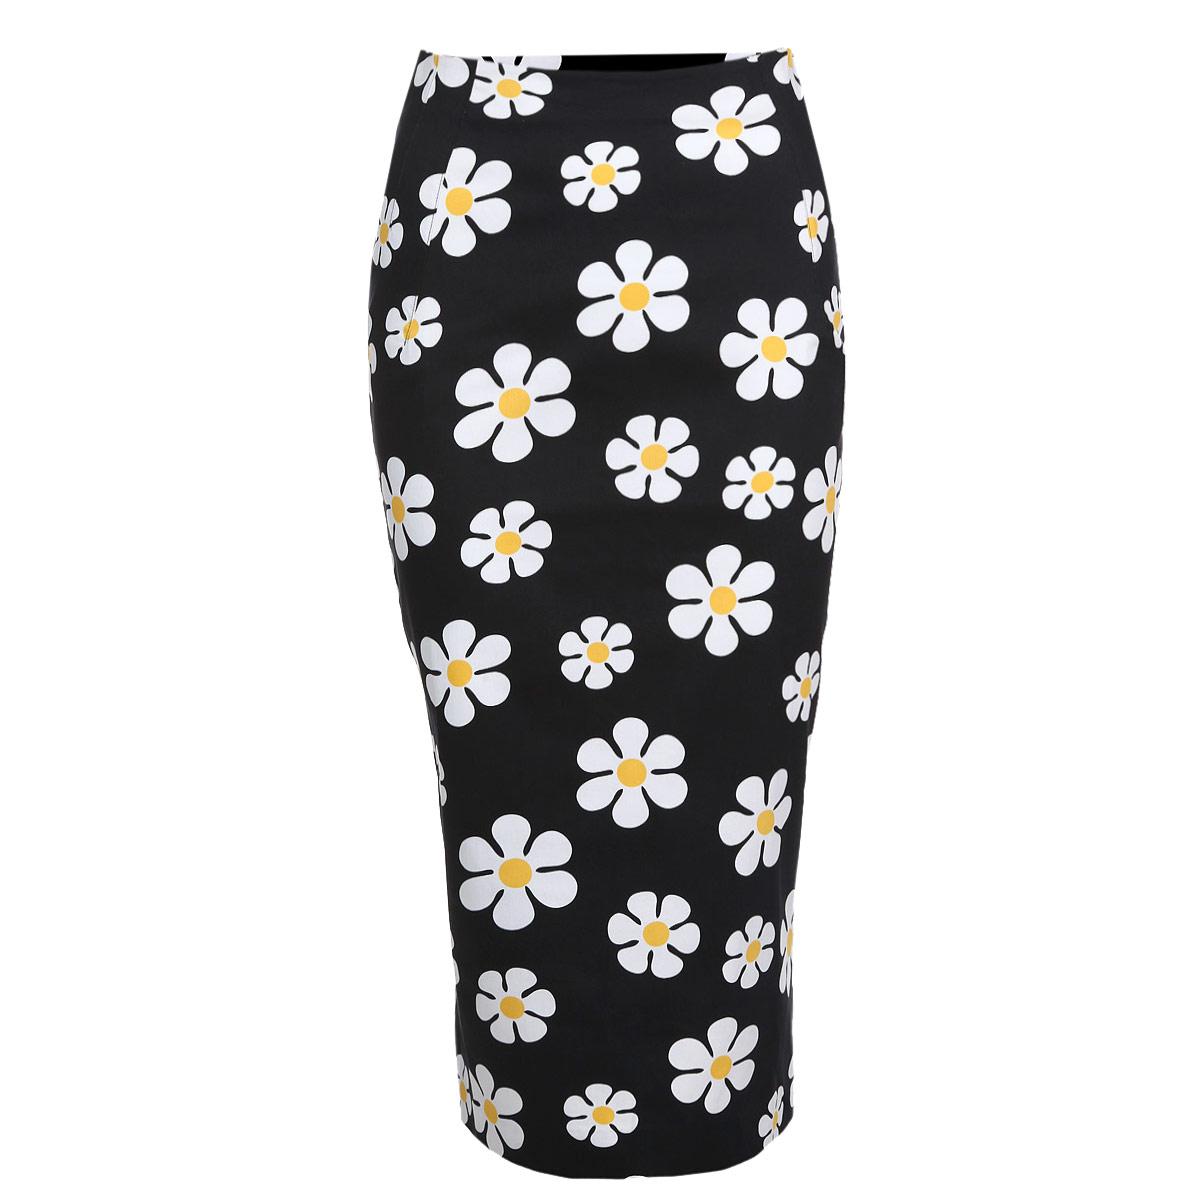 Юбка. 5194-25194-2Модная юбка-карандаш Mondigo, изготовленная из плотного хлопкового материала, подарит ощущение радости и комфорта. Модель классического фасона на талии, застегивается на потайную застежку-молнию. Юбка оформлена цветочным принтом. Облегающий крой подчеркнет все достоинства вашей фигуры. В этой юбке вы будете чувствовать себя неотразимой, оставаясь в центре внимания.